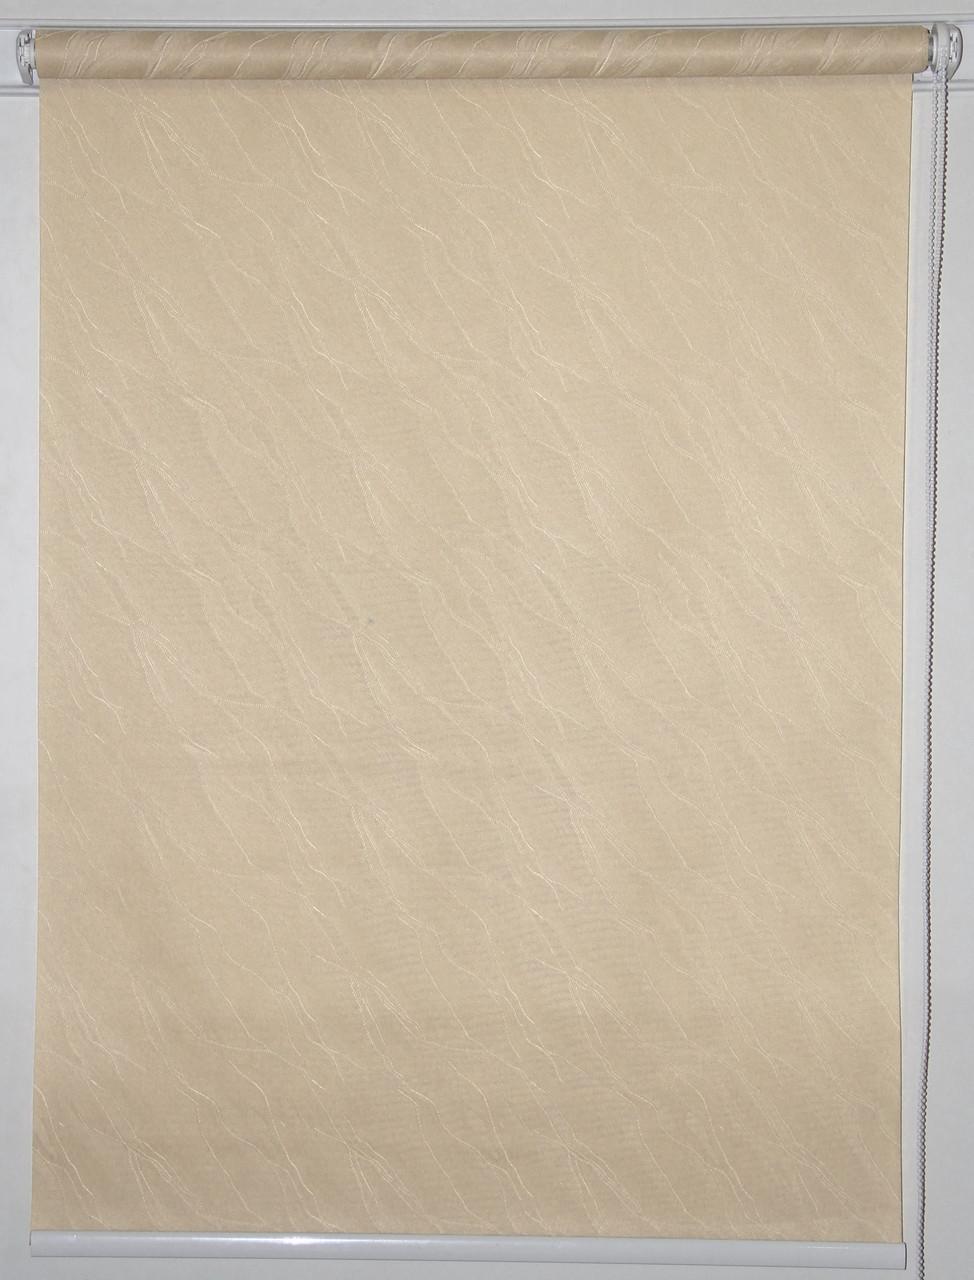 Готовые рулонные шторы 1000*1500 Ткань Вода 1839 Какао